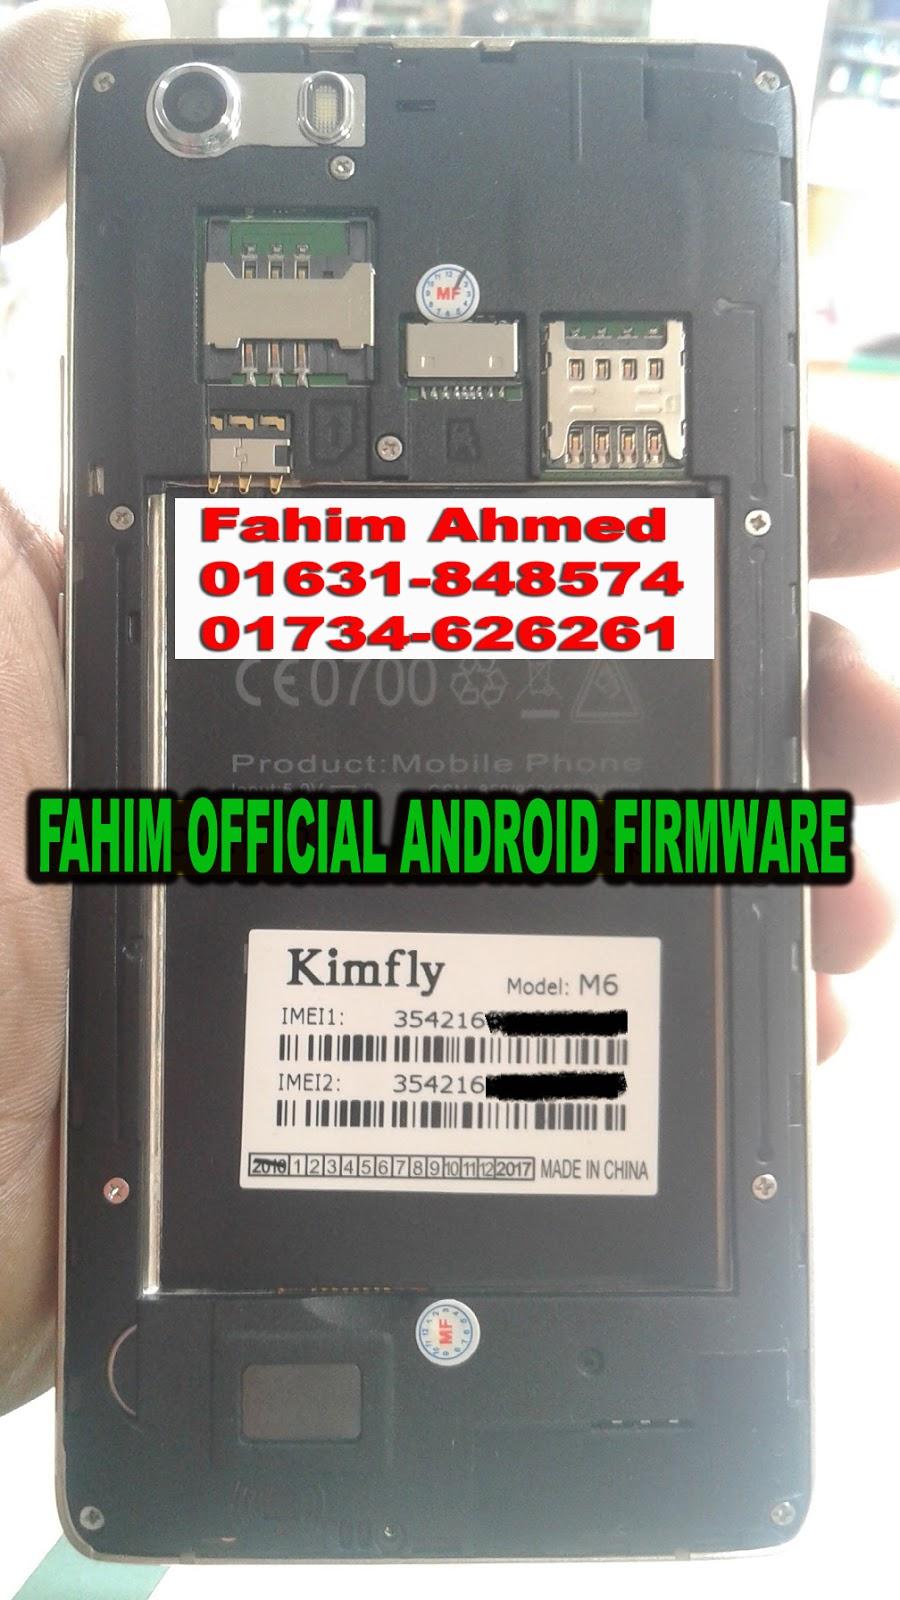 Efty Telecom: HUAWEI CLONE KIMFLY M6 PAC FLASH FILE SC77xx 5 1